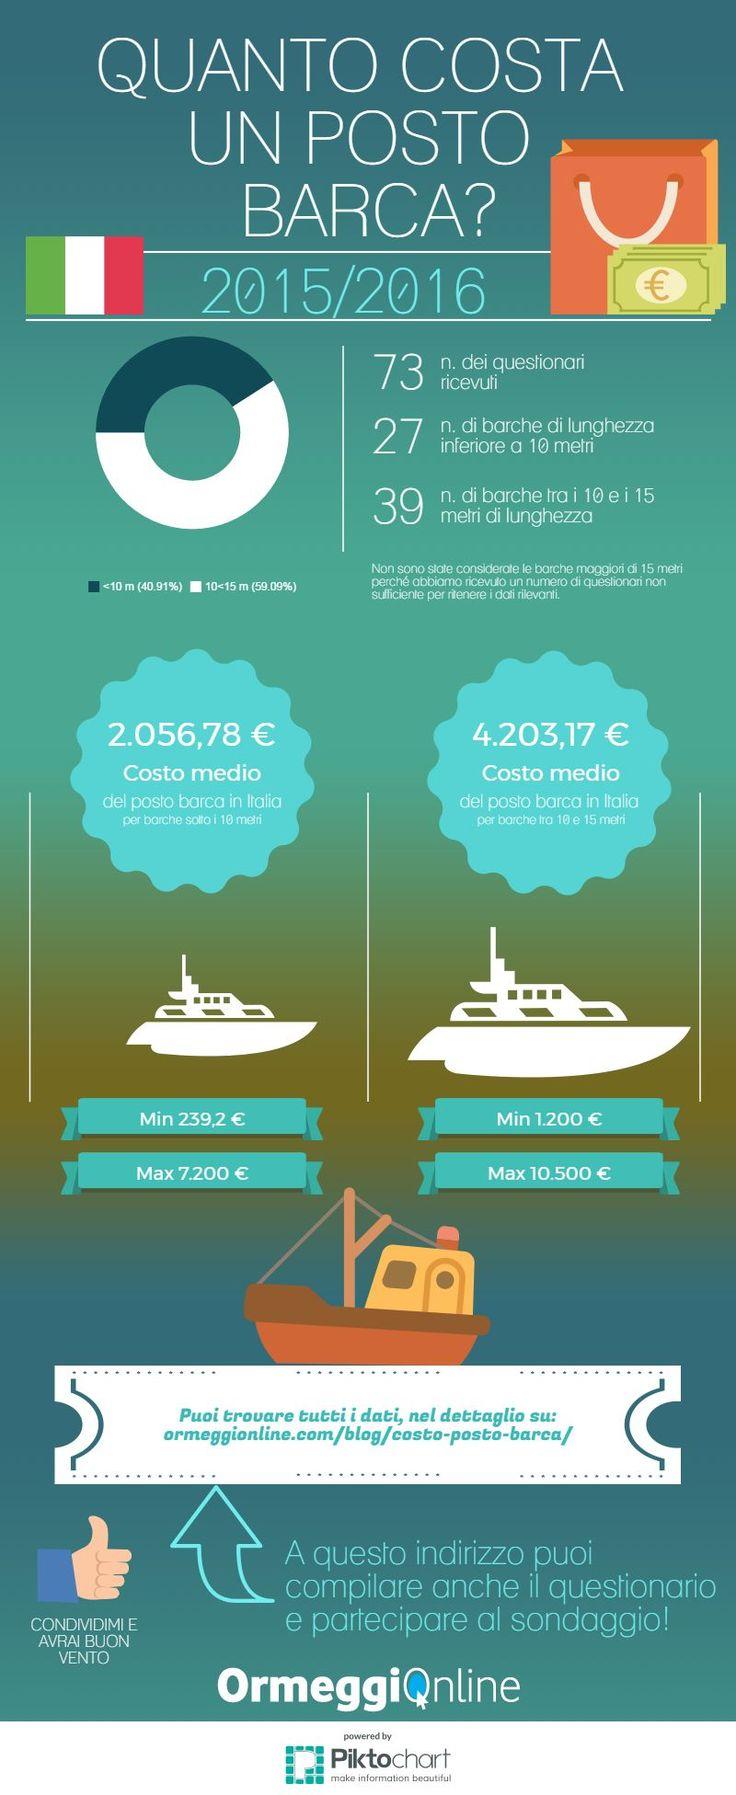 Quanto costa un posto #barca? Molti si fanno questa domanda anche perché grande è la variabilità dei costi dei posti barca nelle regioni italiane. #prezzi